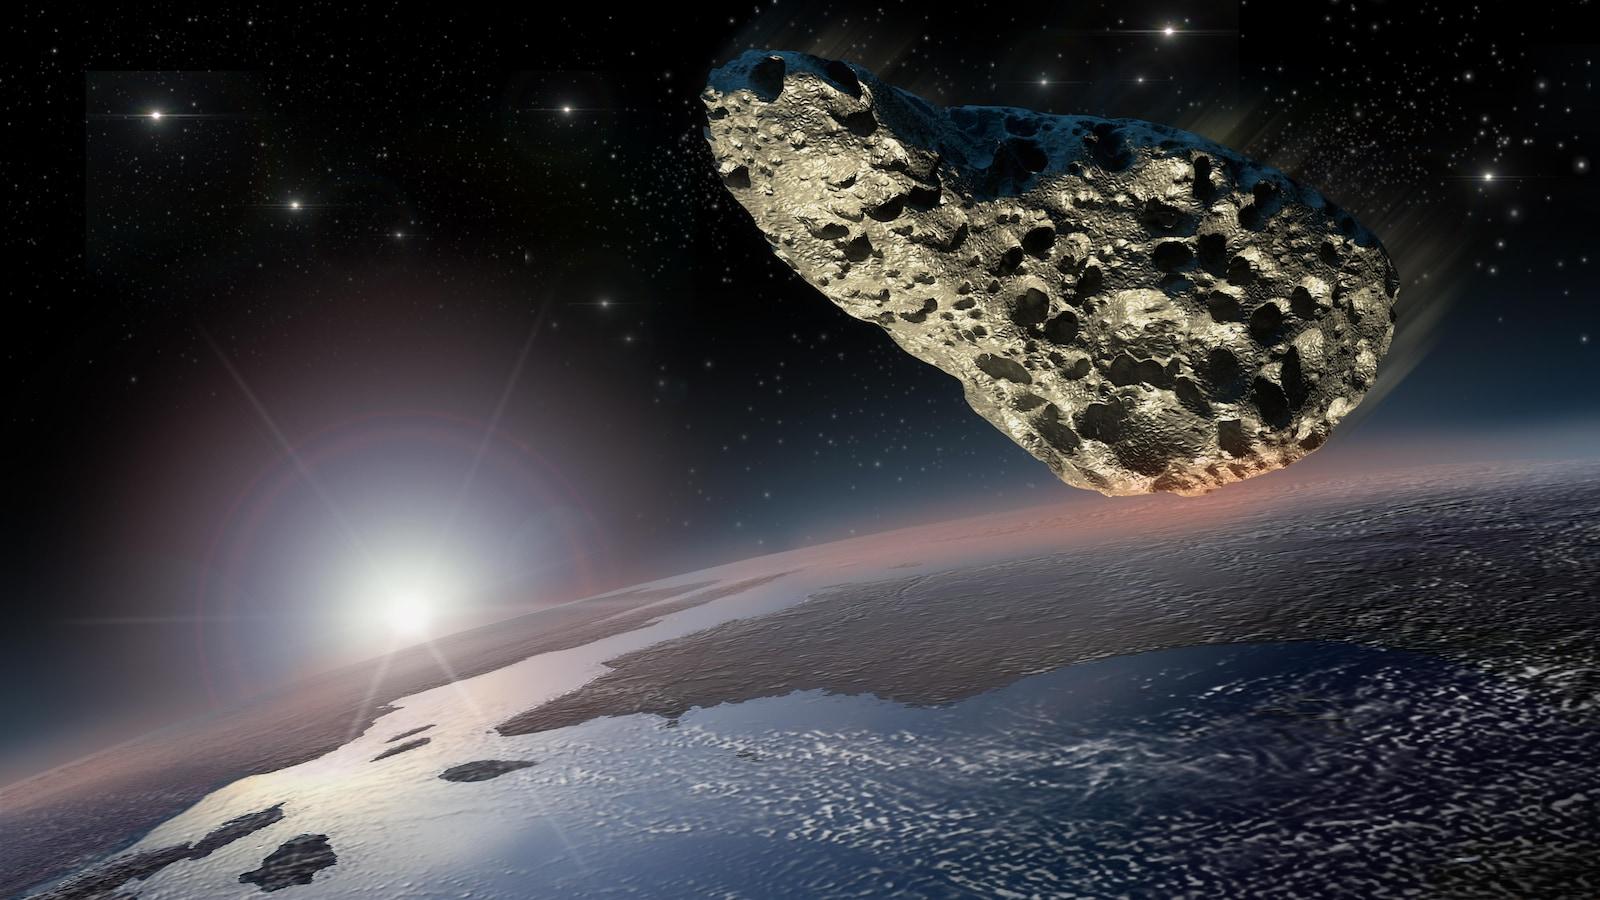 Une météorite dans l'espace près de la Terre